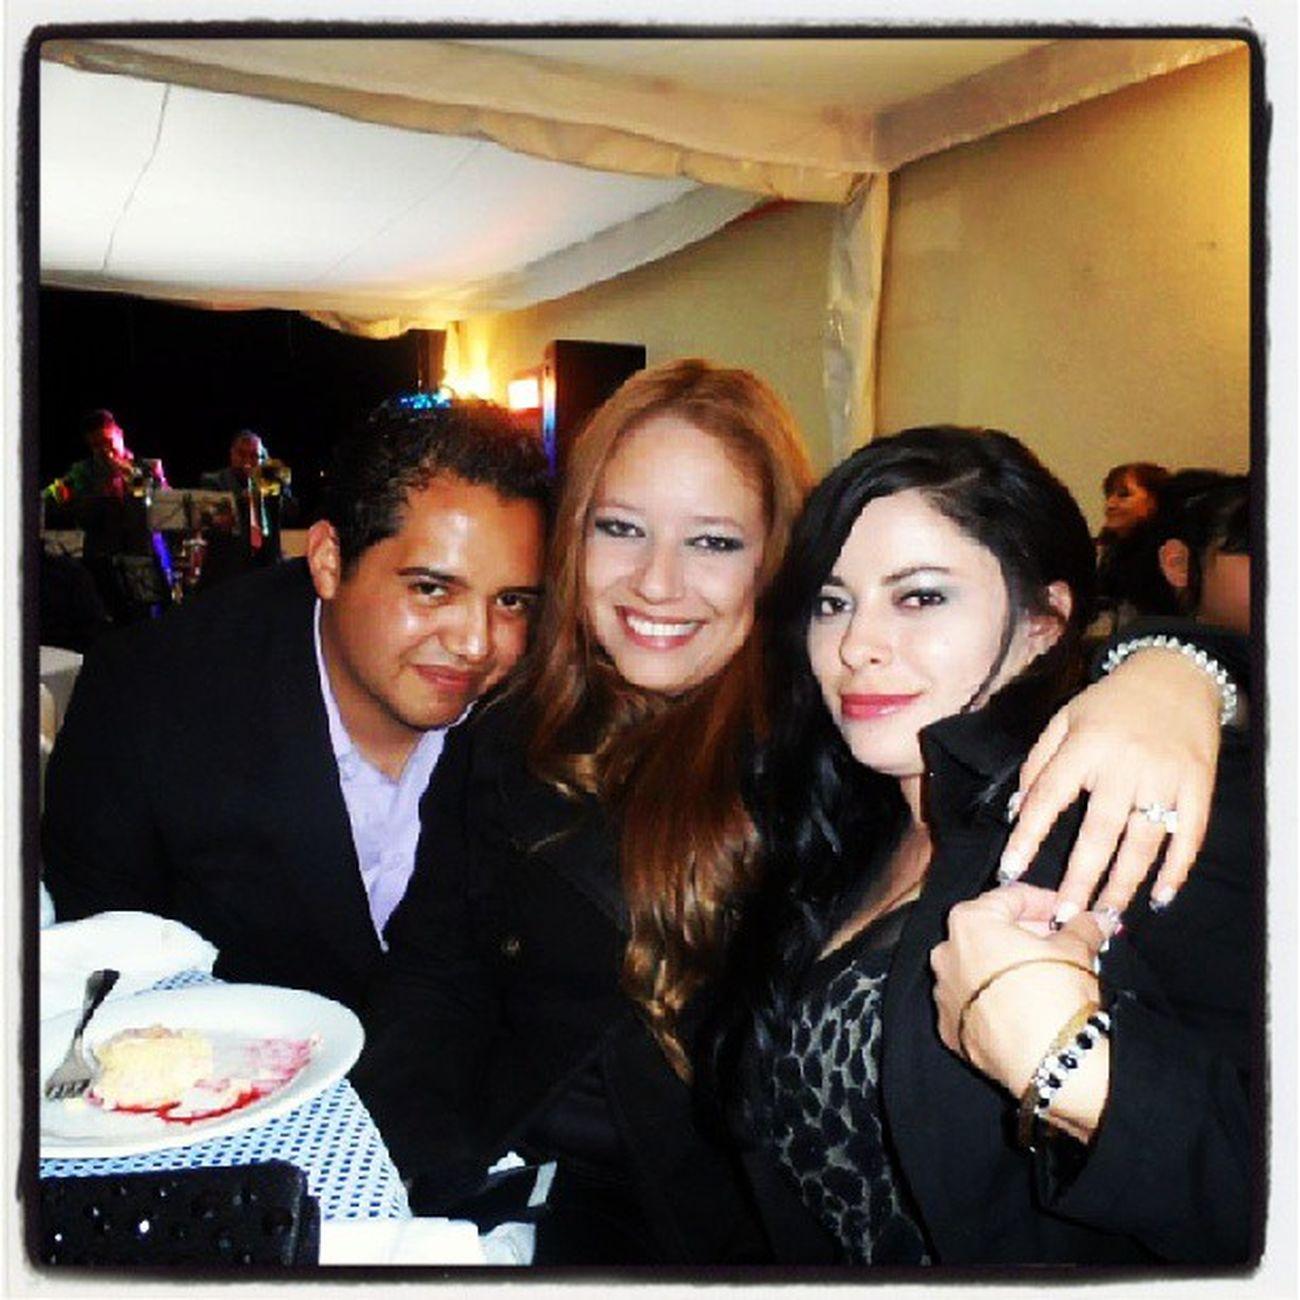 Boda Friends Losqiero